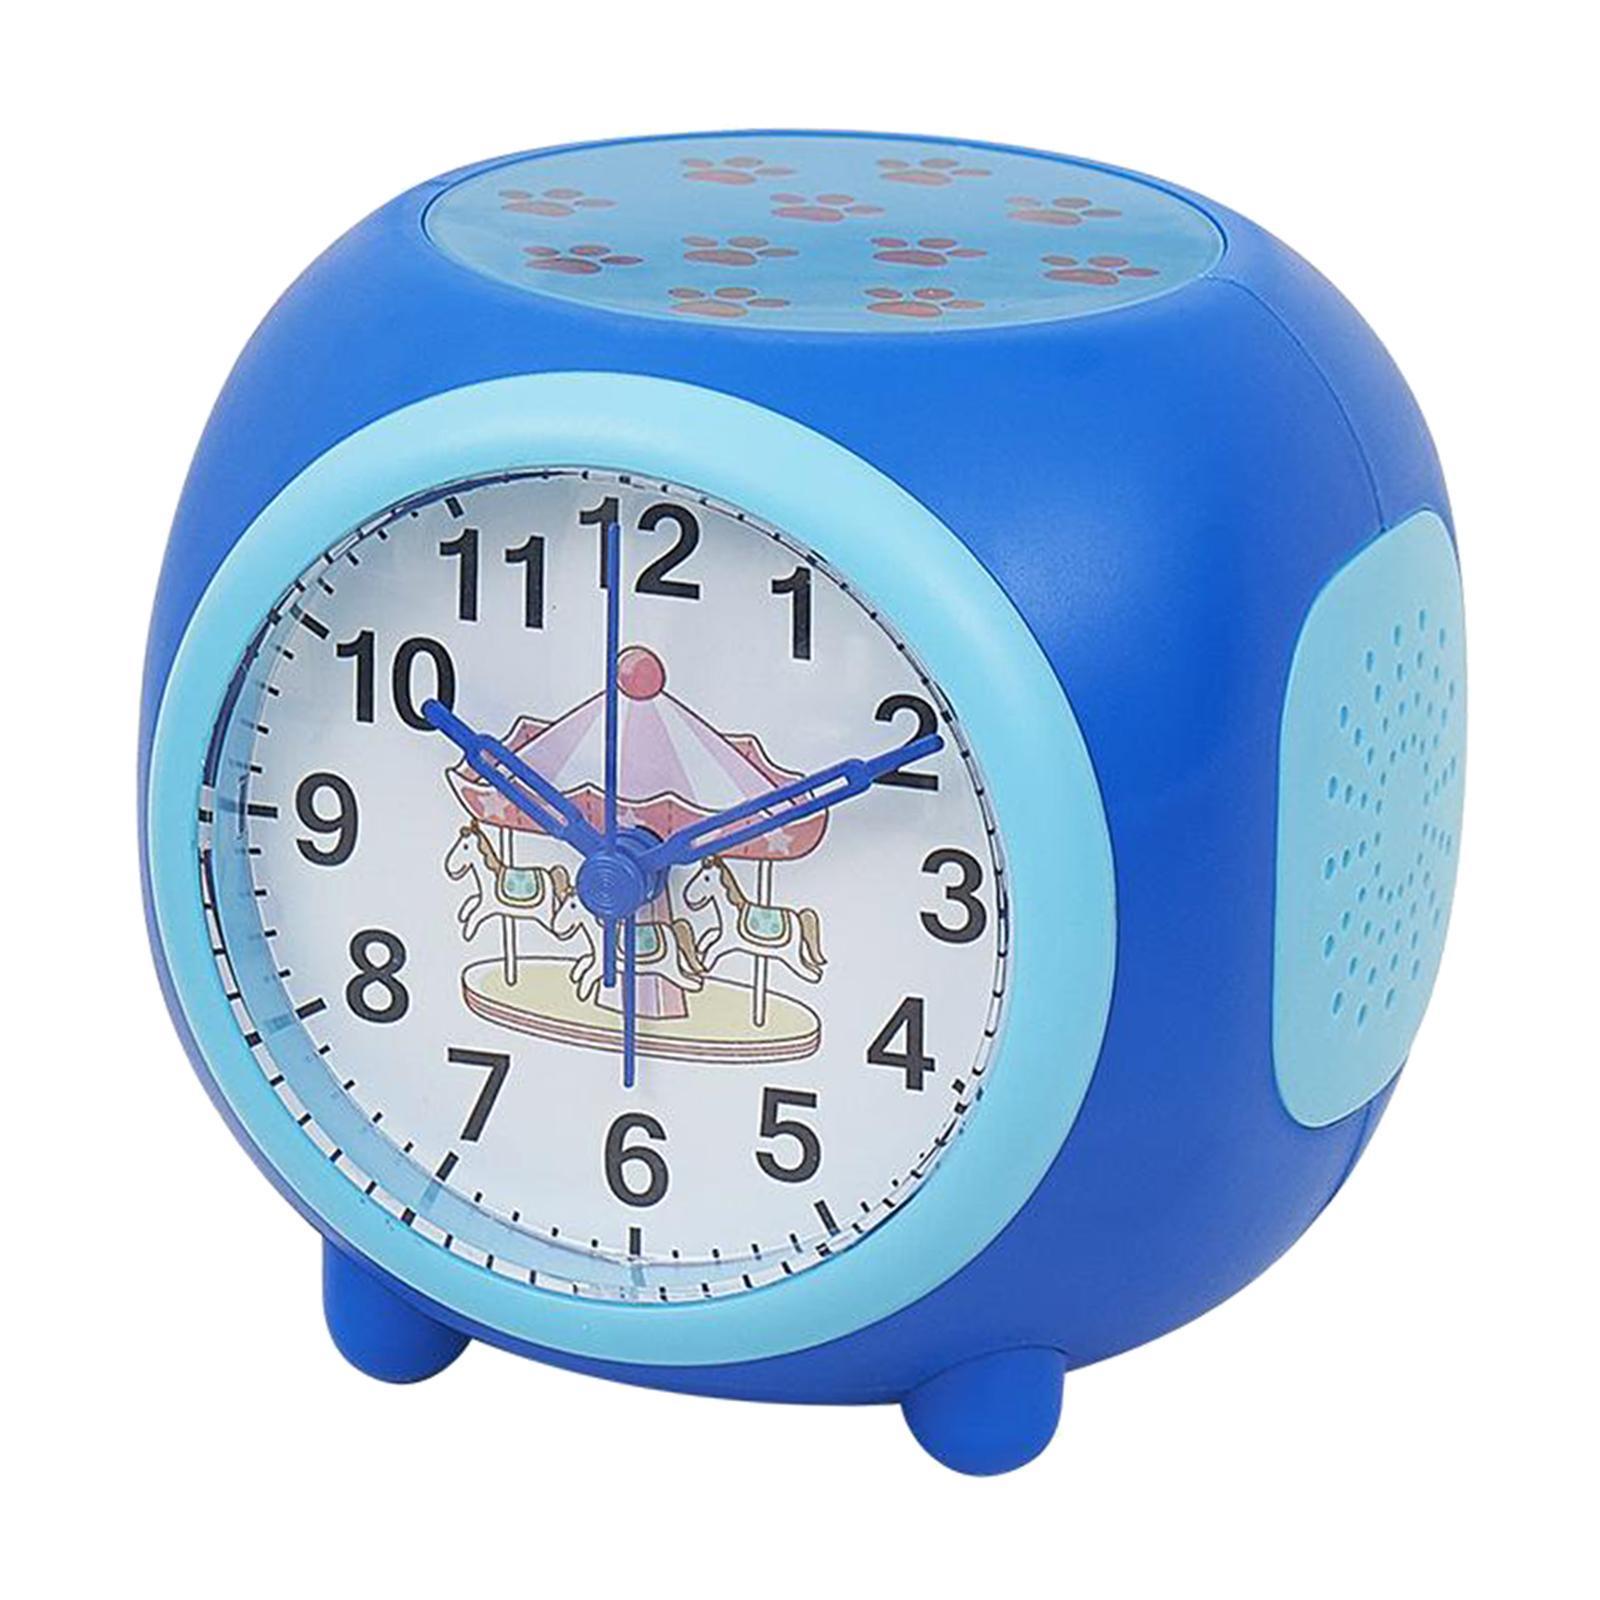 Controllo-vocale-Star-Projection-Lamp-Sveglia-Snooze-Clock-Orologio-da-camera-da miniatura 6